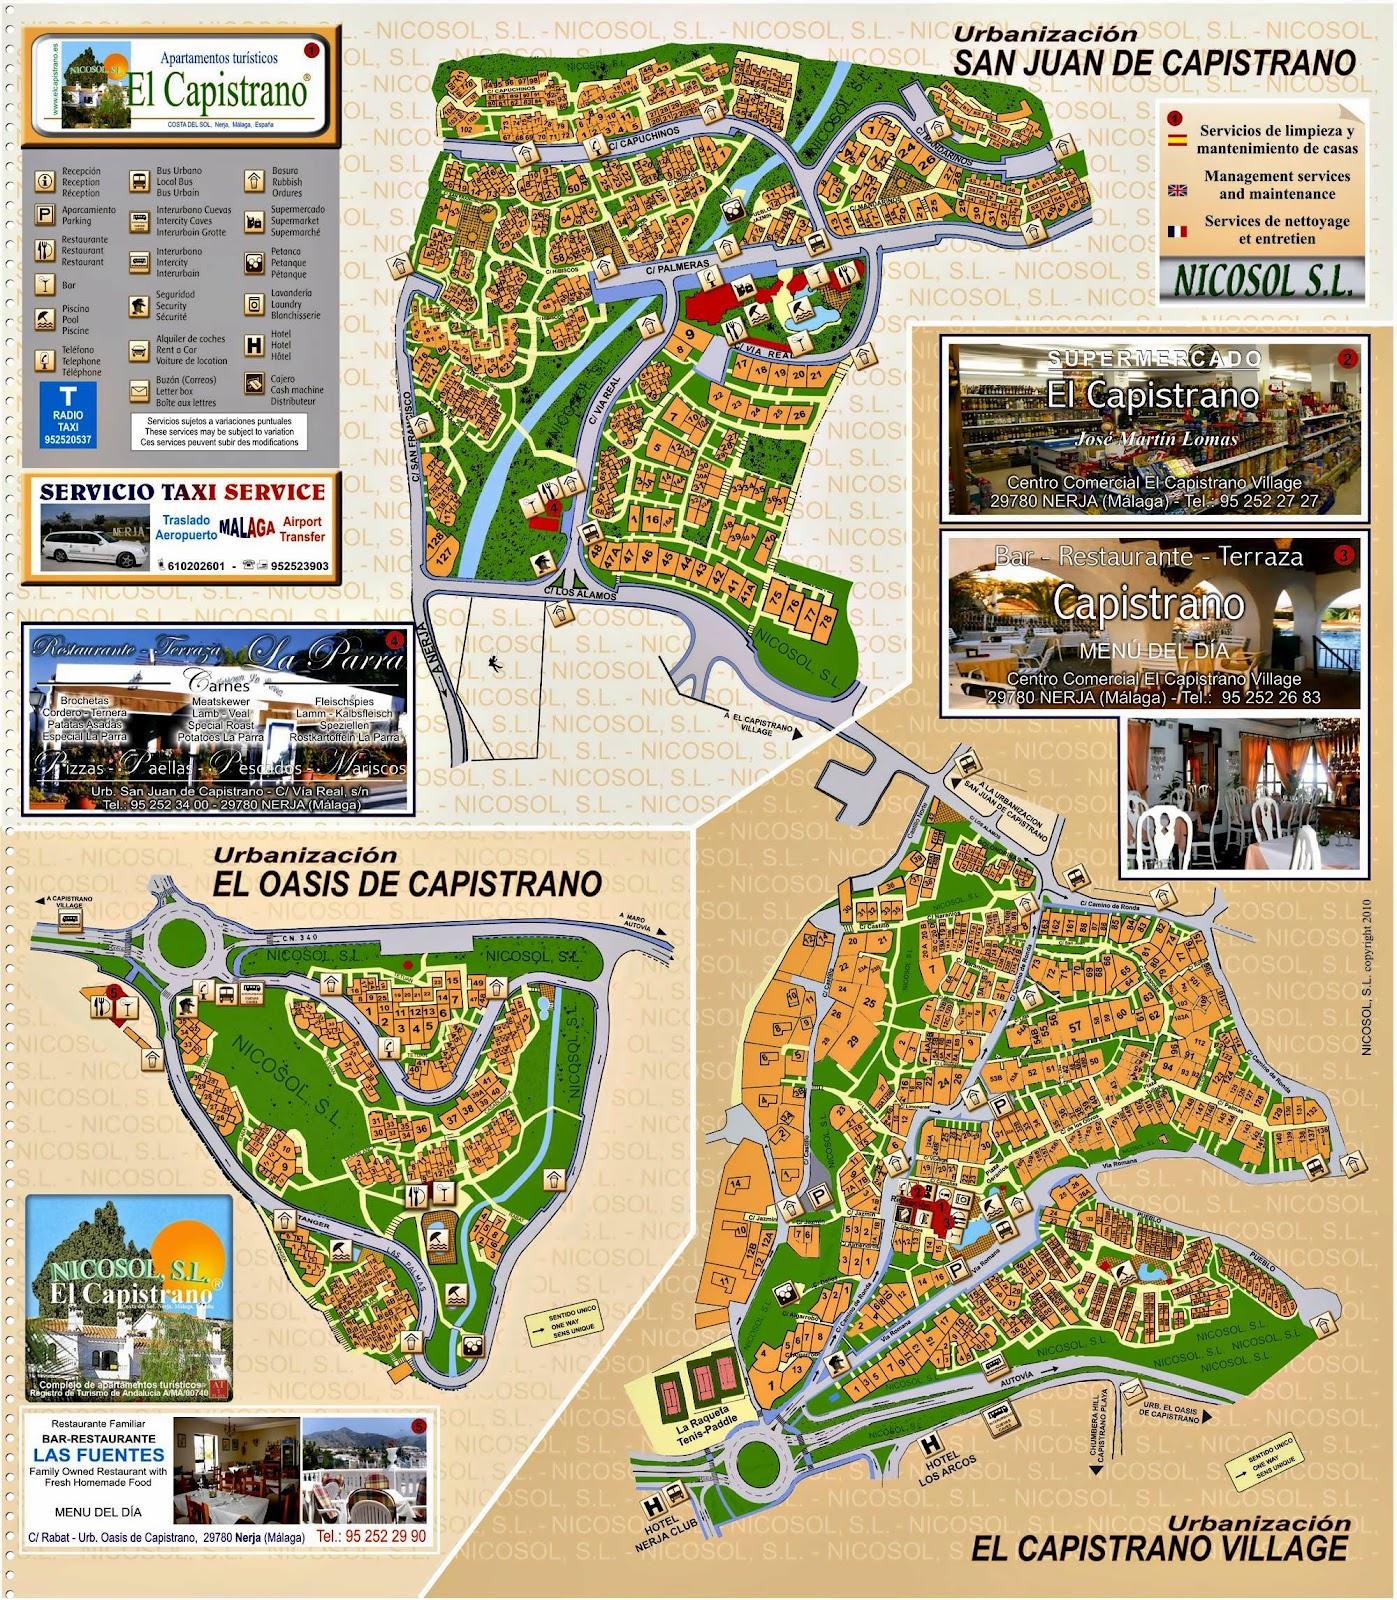 El Capistrano mapas online de las urbanizaciones - Nicosol, SL.